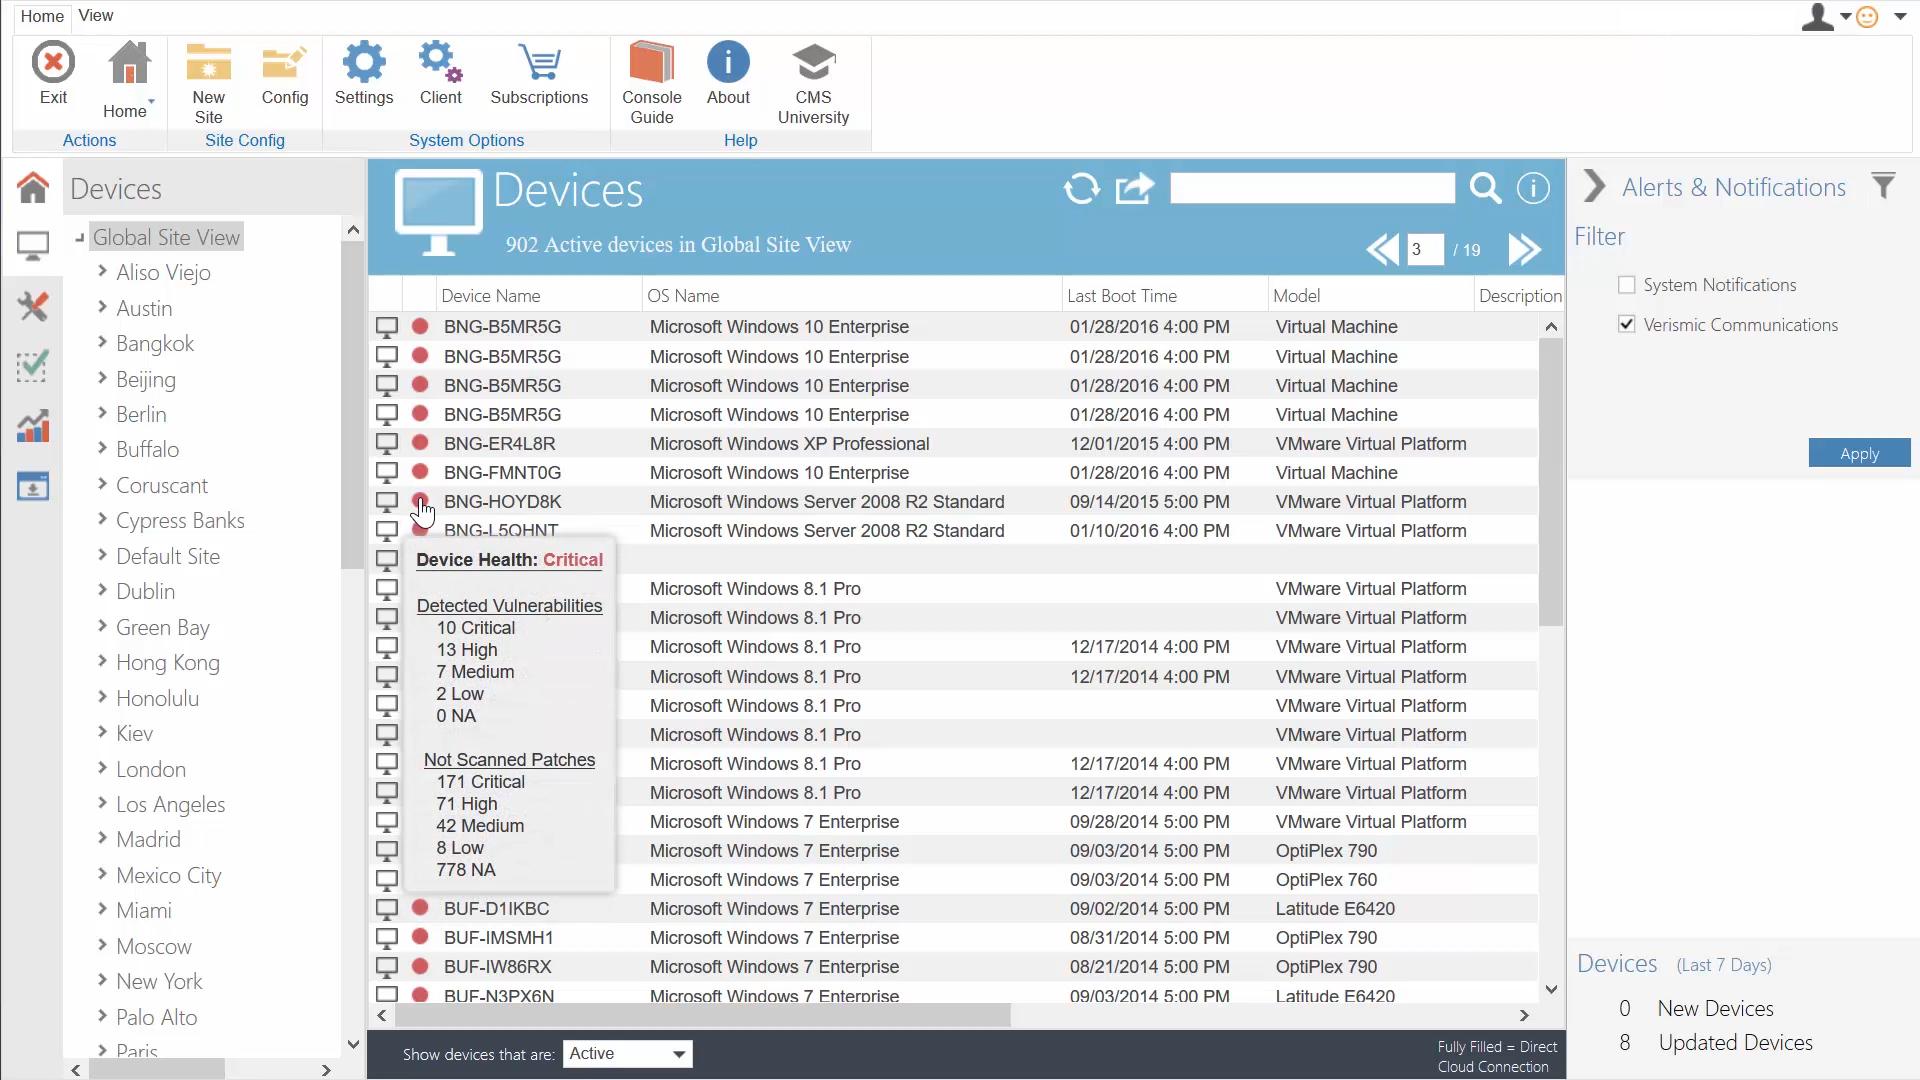 Cloud Management Suite Demo - Device Health